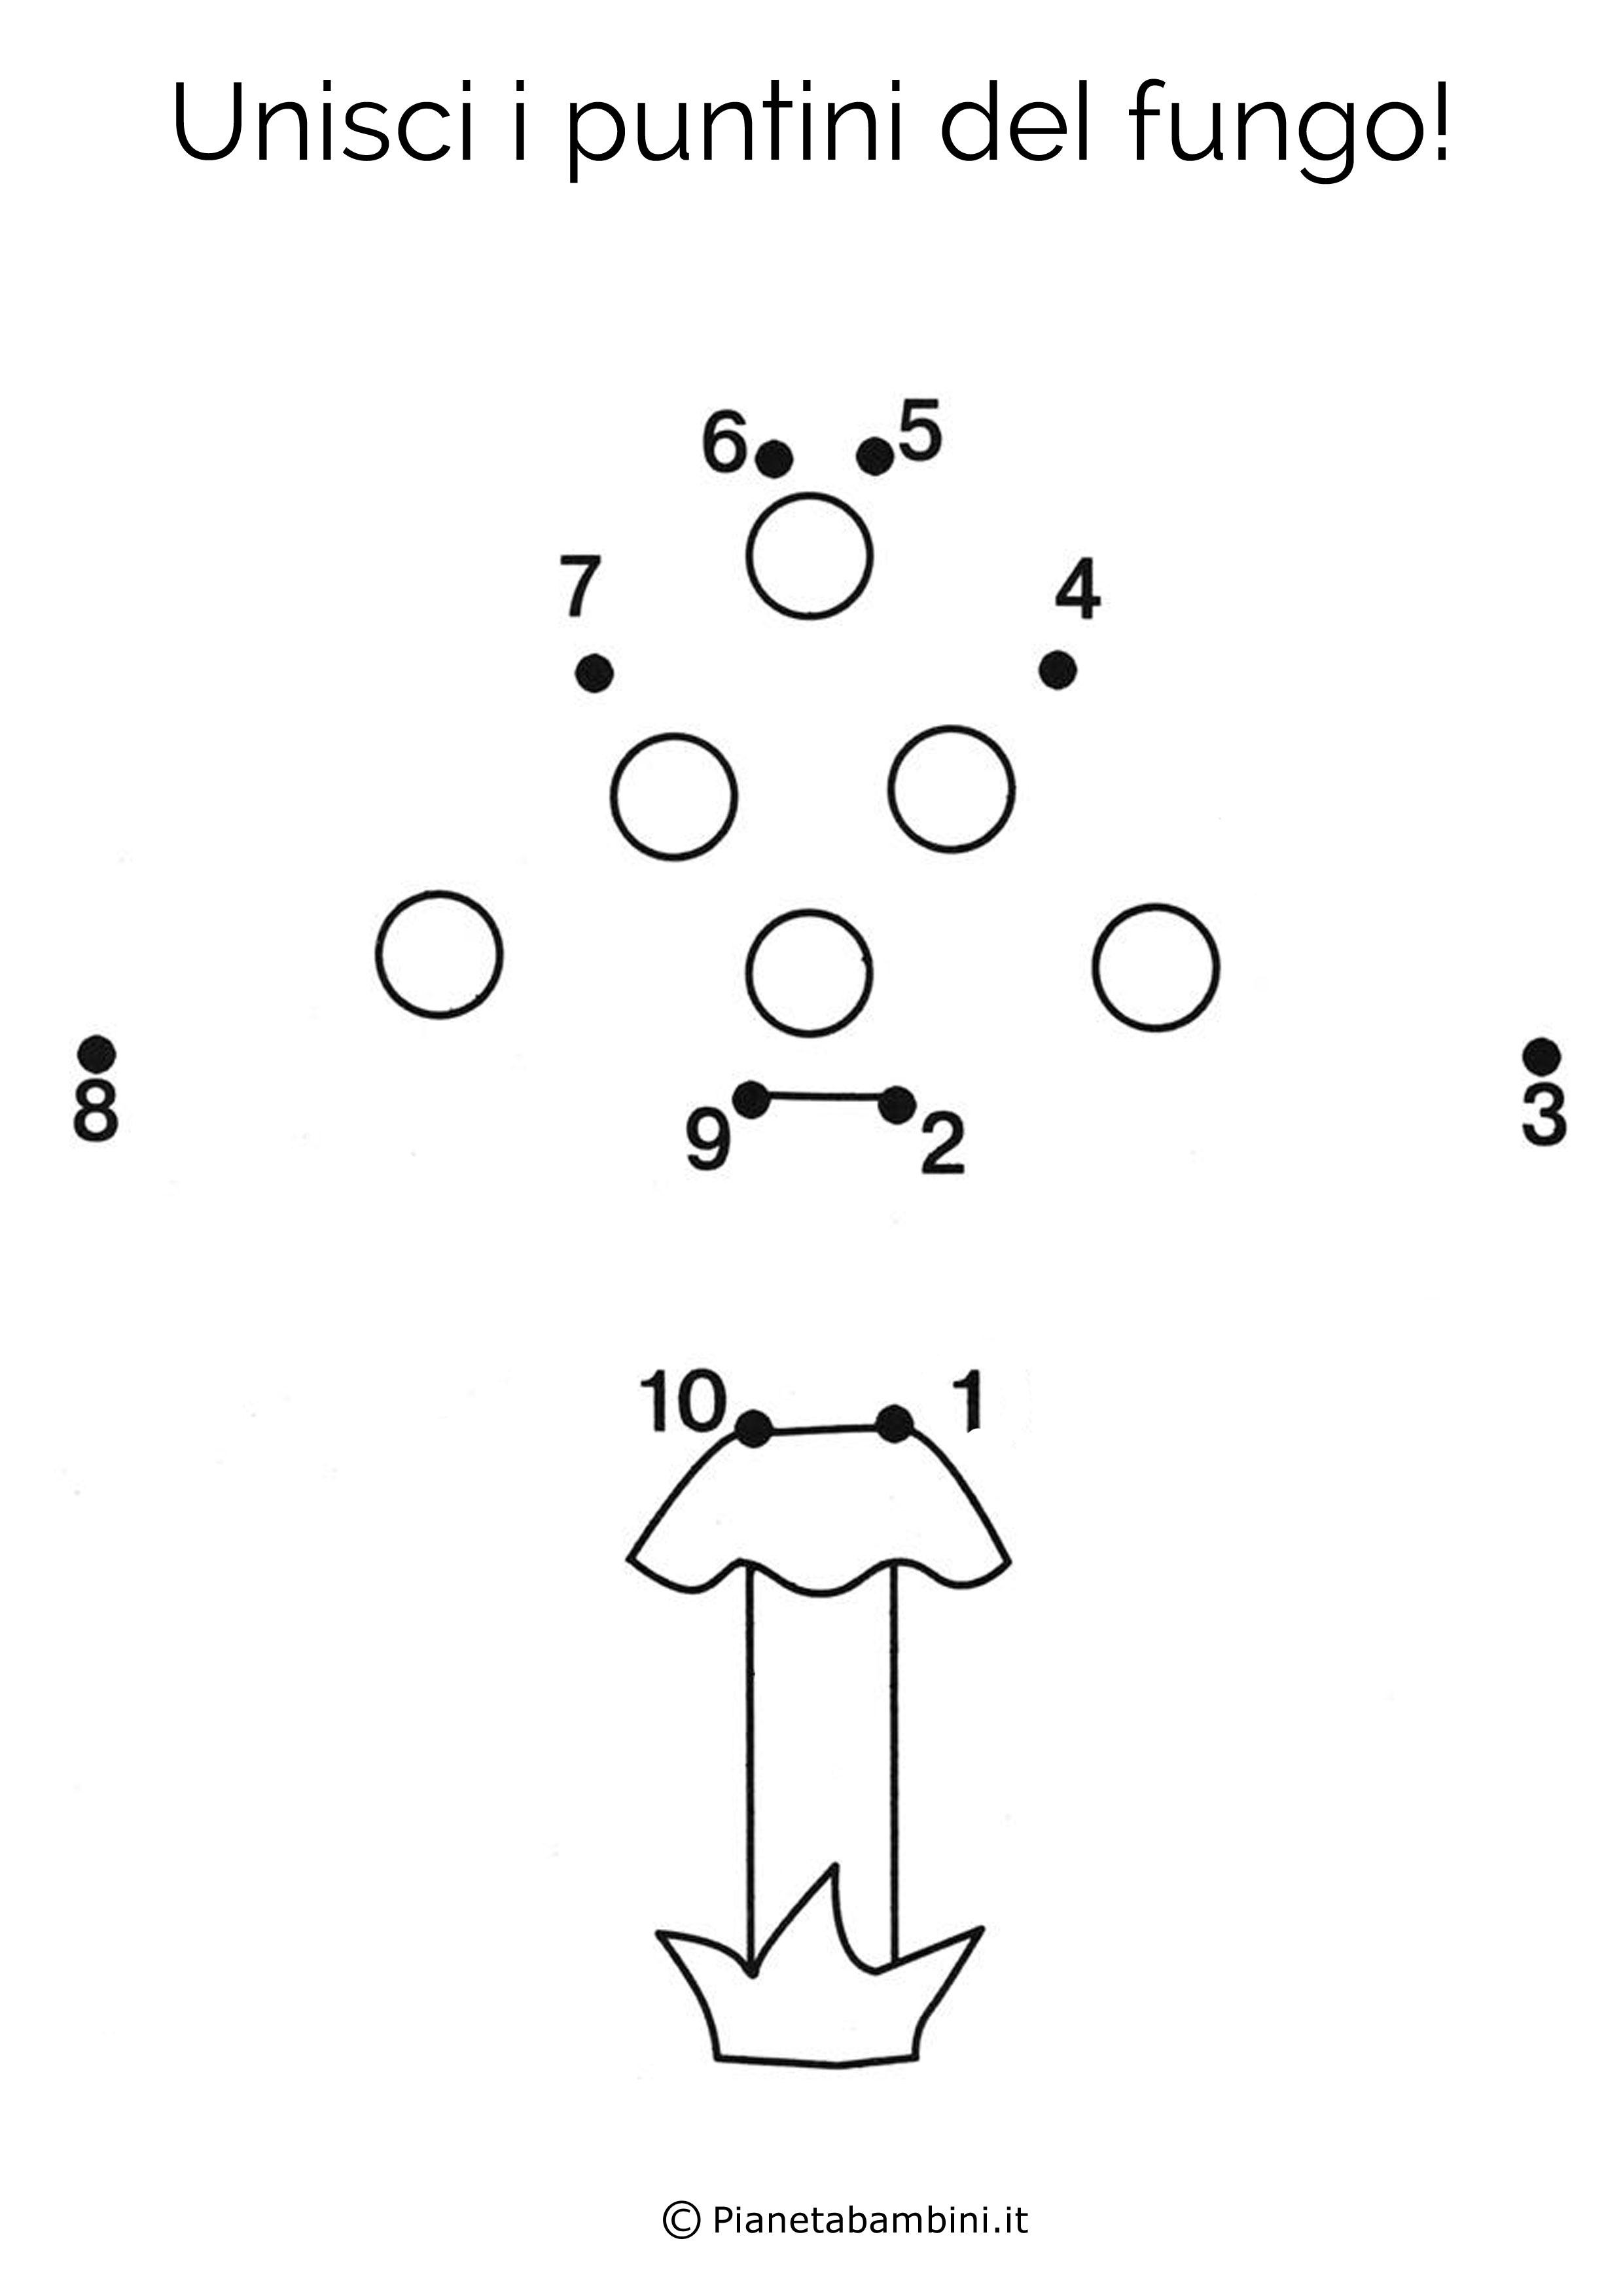 Disegno unisci i puntini fungo